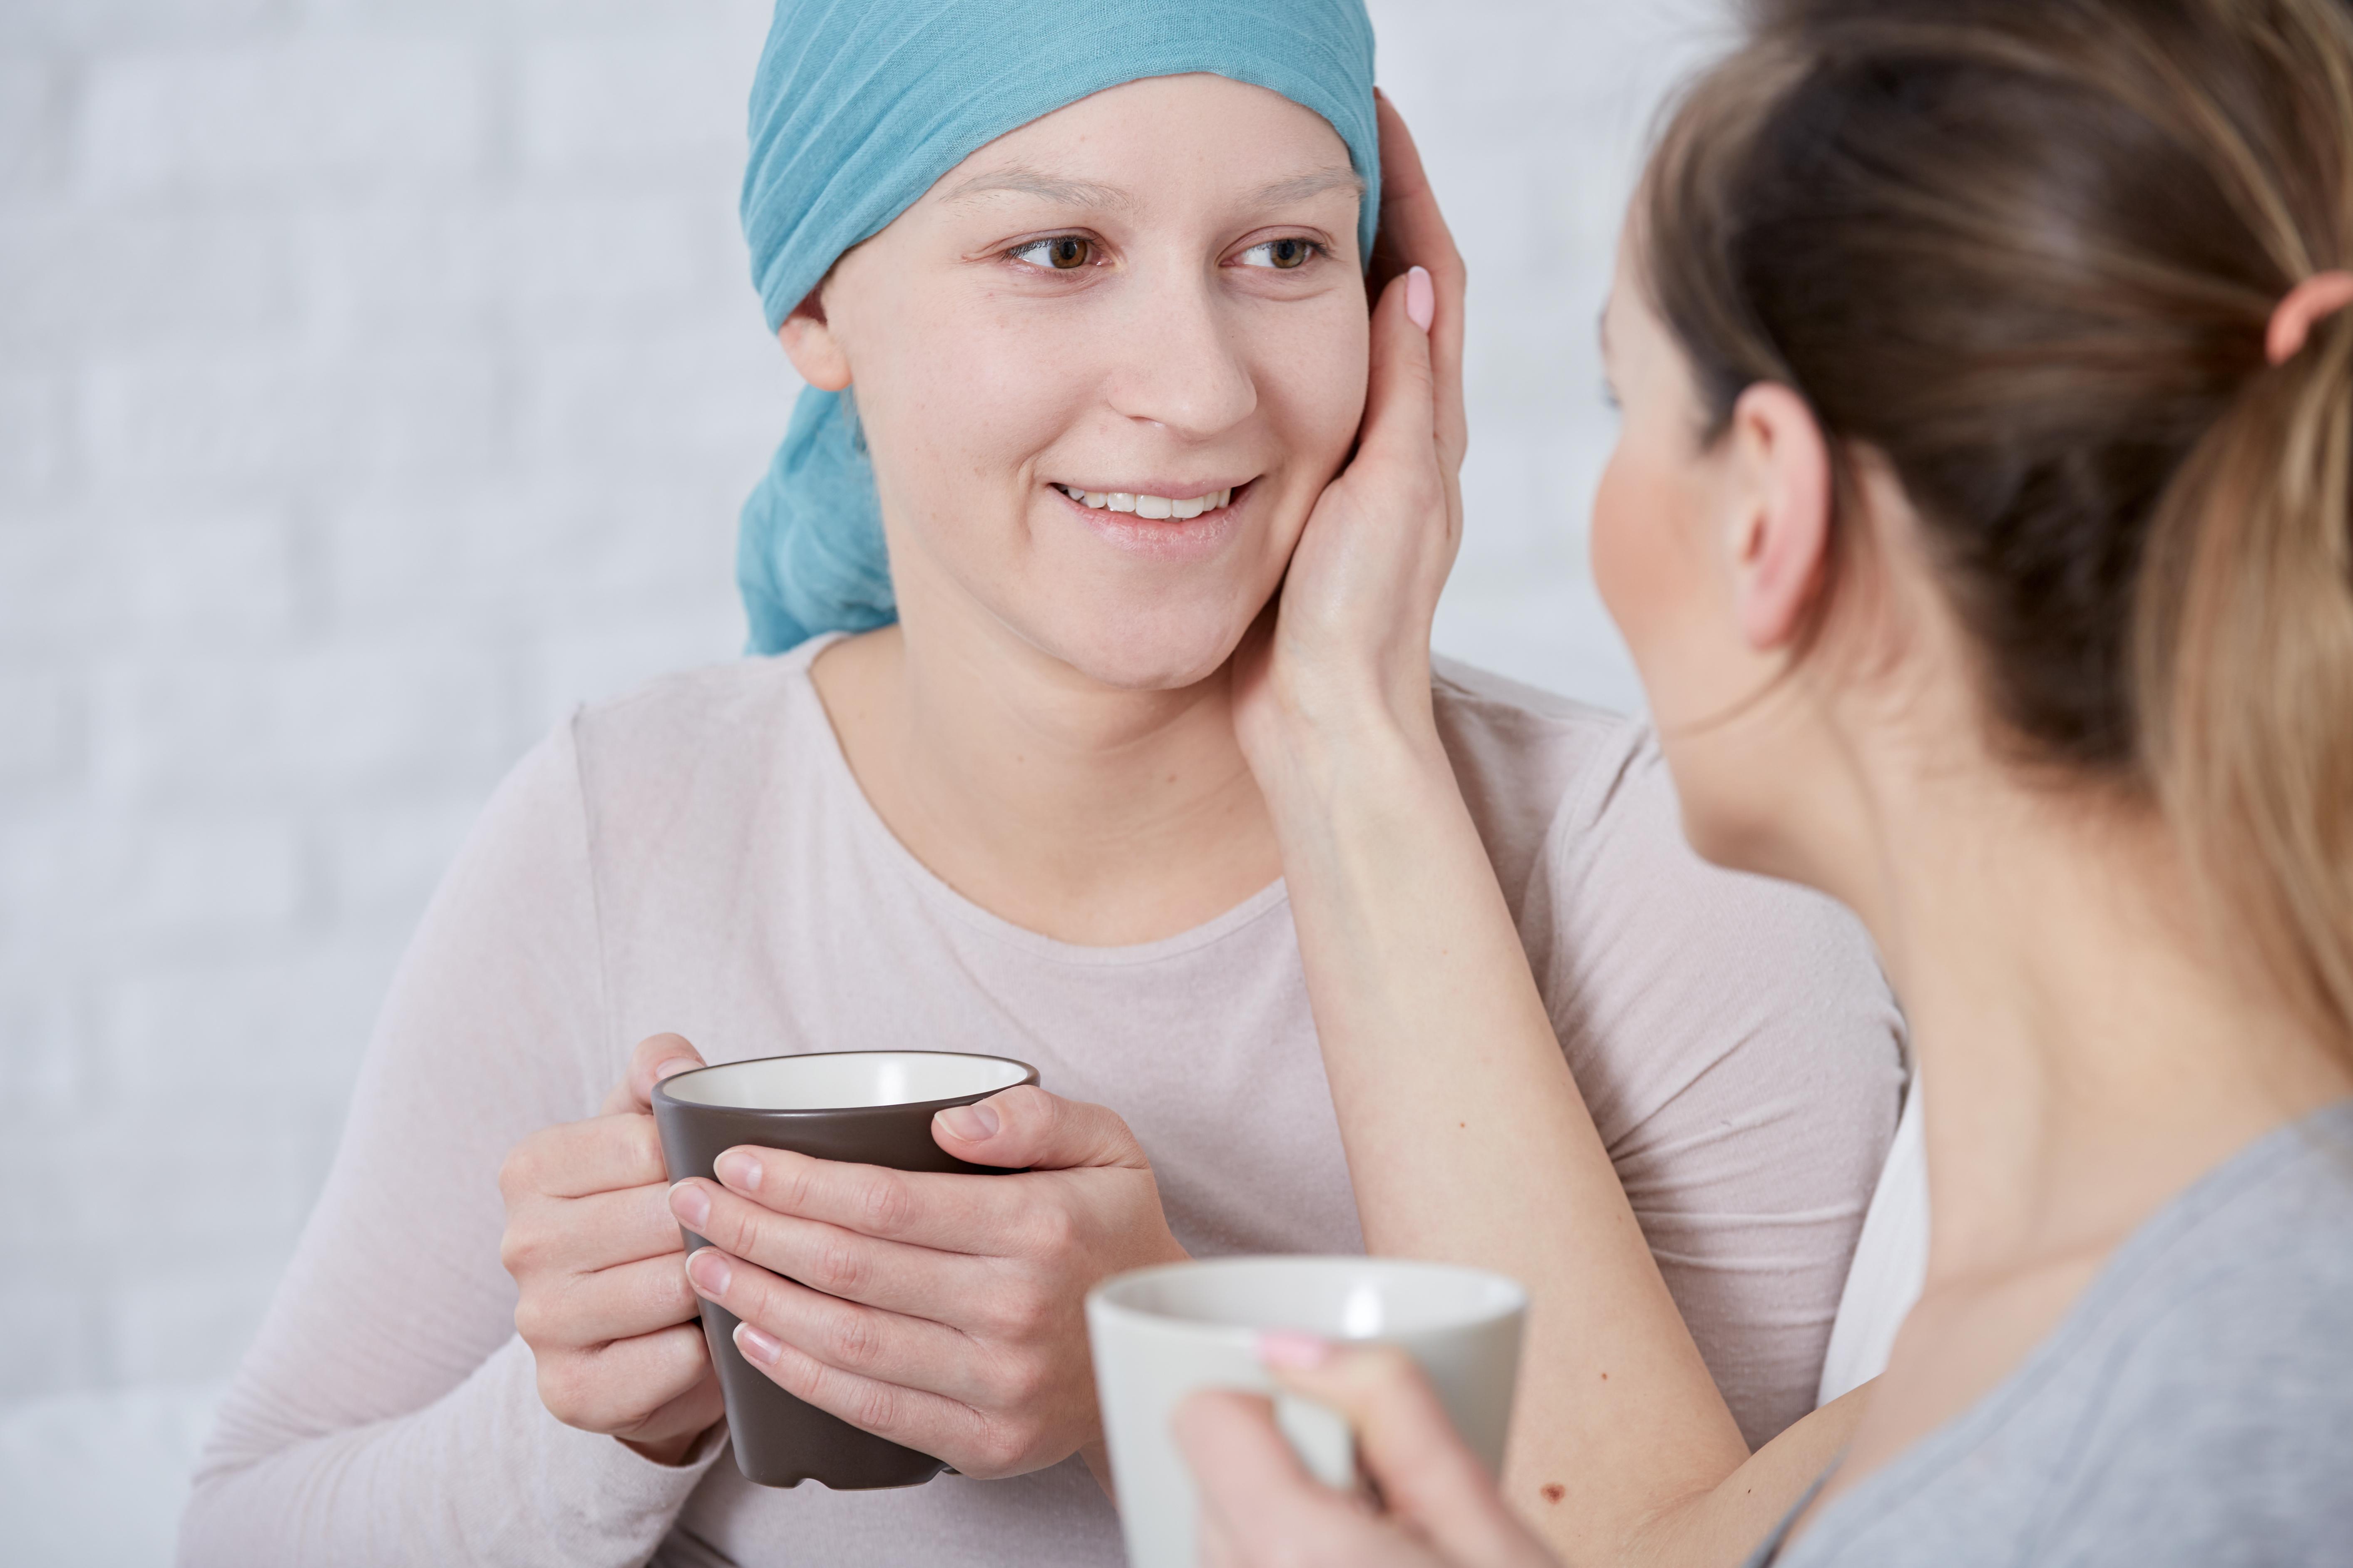 Efectele cancerului asupra îngrijitorilor persoanelor bolnave: insomnii, depresie şi izolare